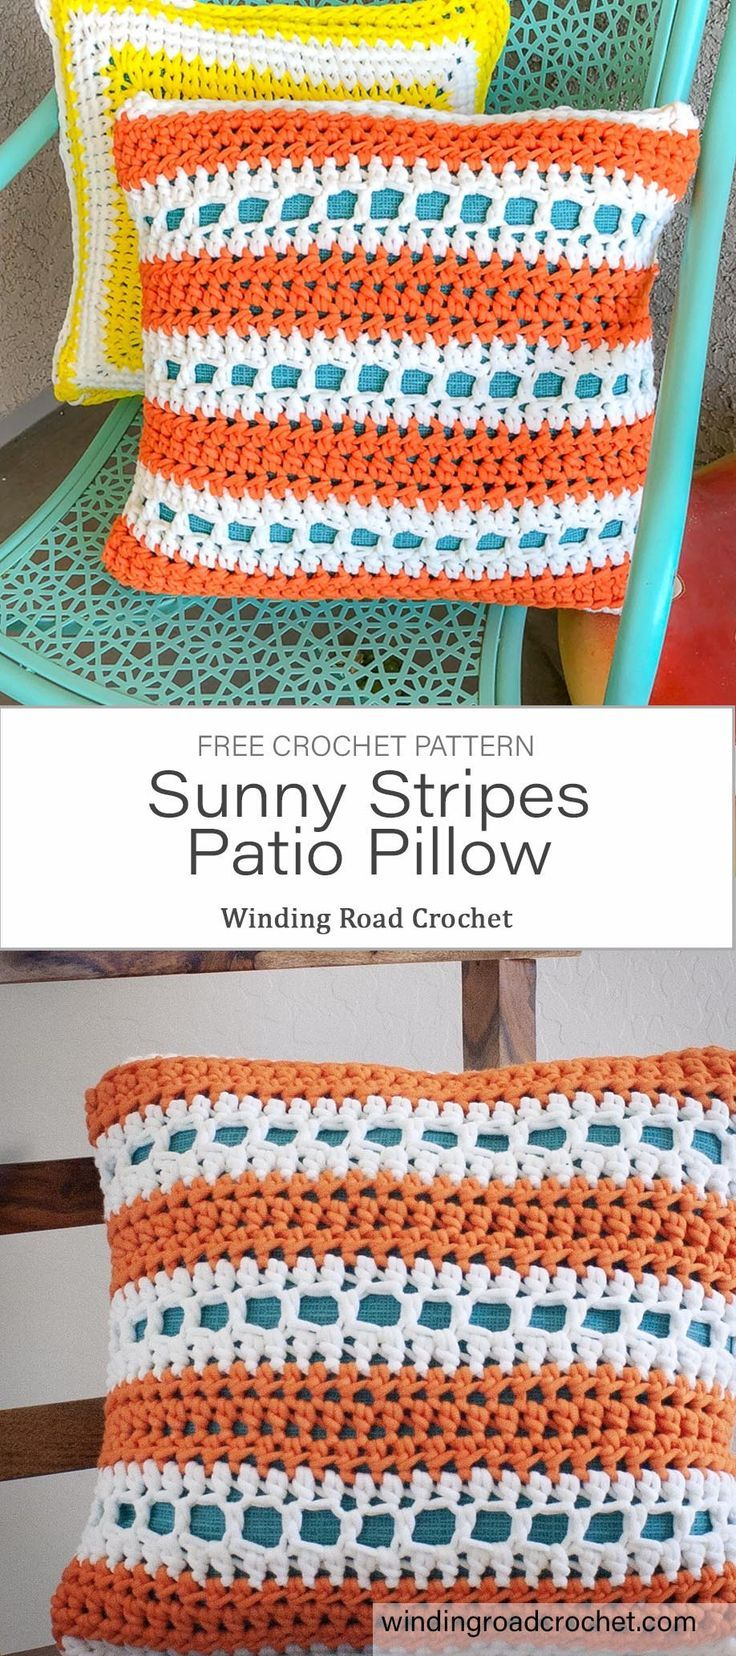 Sunny Stripes Patio Pillow Free Crochet Pattern Winding Road Crochet In 2020 Easy Crochet Patterns Free Crochet Patterns Throw Pillow Pattern